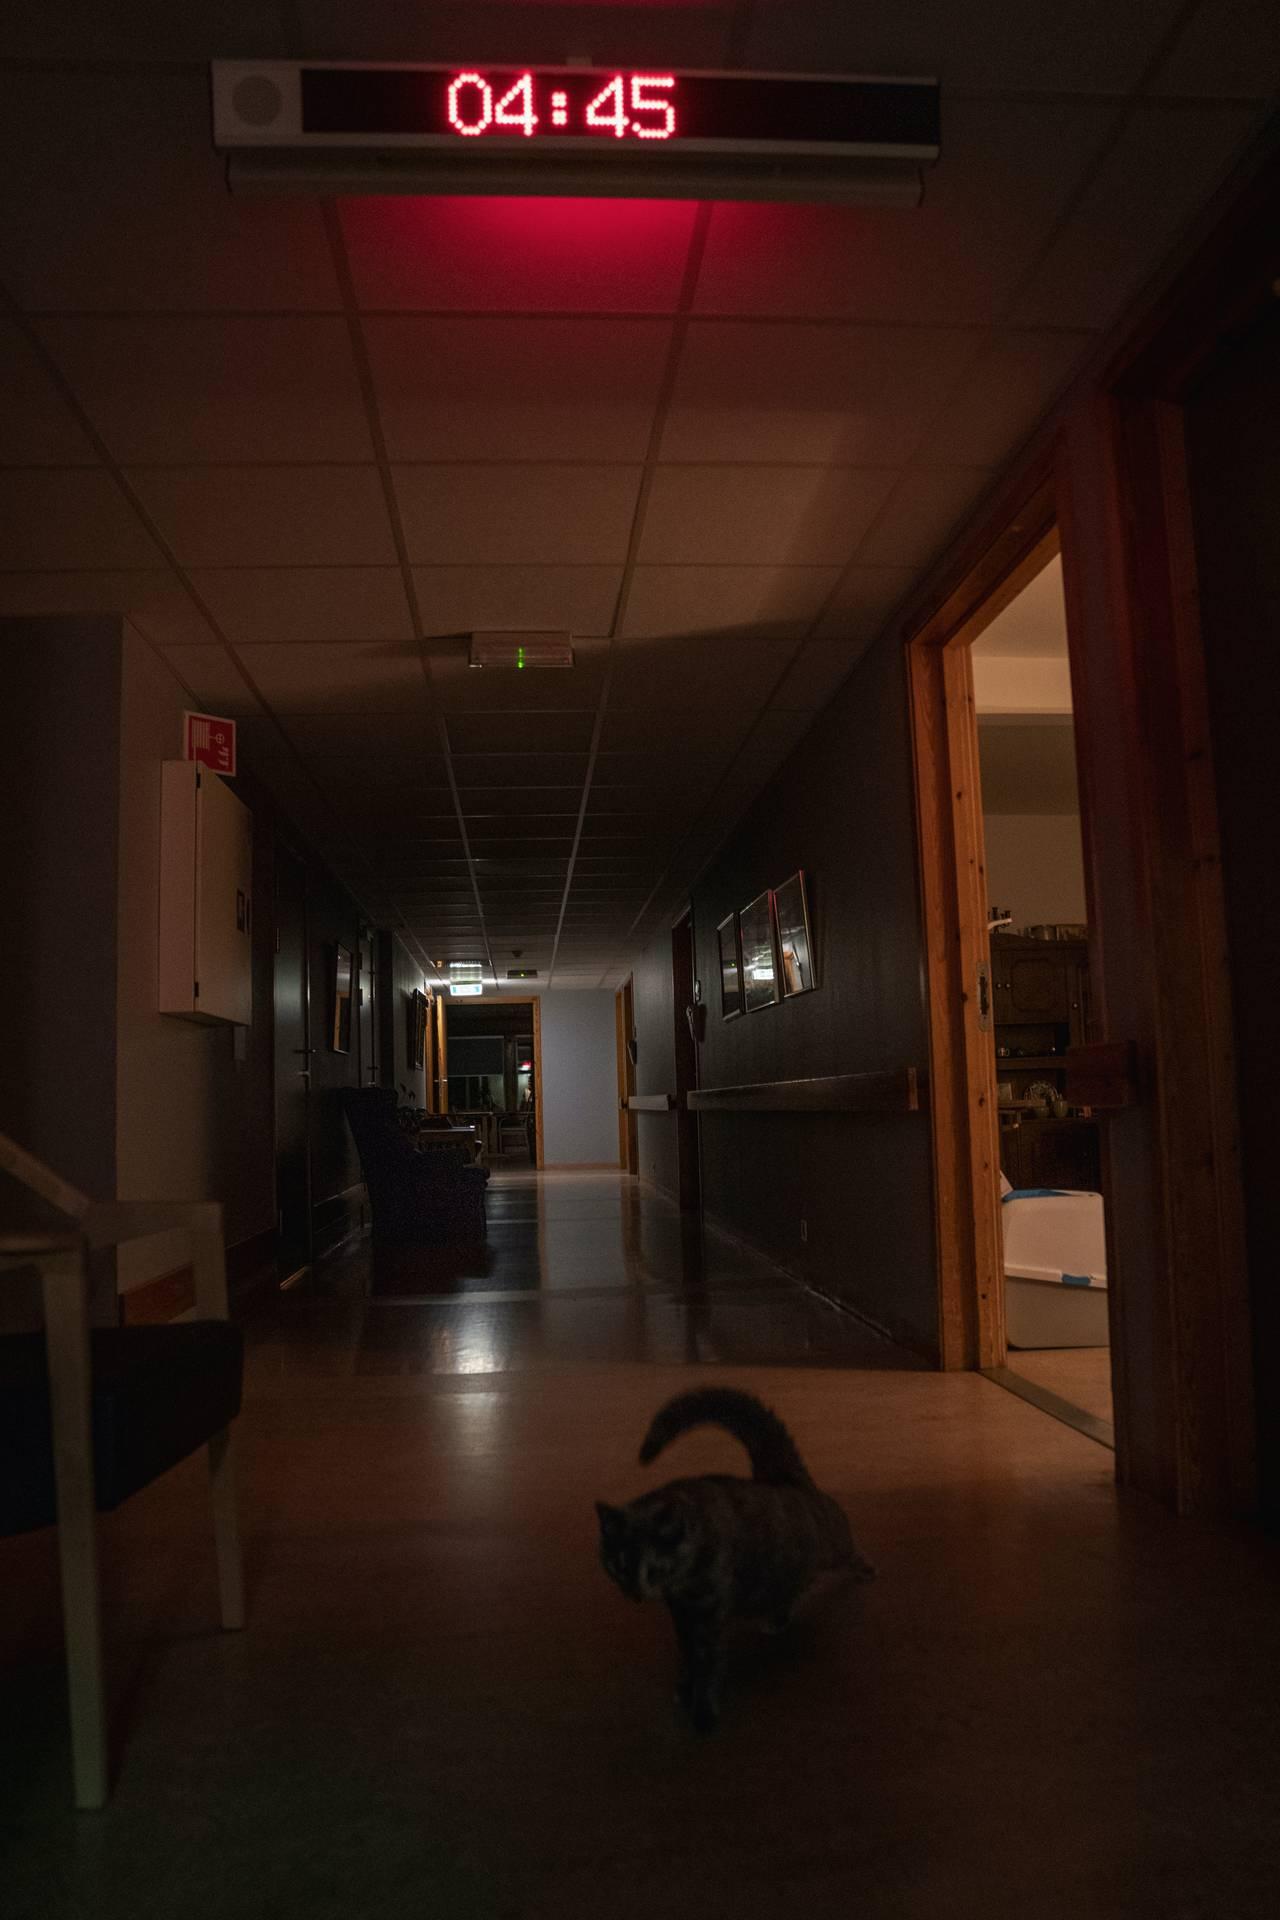 En mørk korridor på Silurveien sykehjem. Kun opplyst av et rødt digitalt klokkeskilt som viser tiden 04:45. I lysglimtet fra en åpen dør strekker terapikatten på avdelingen på potene.